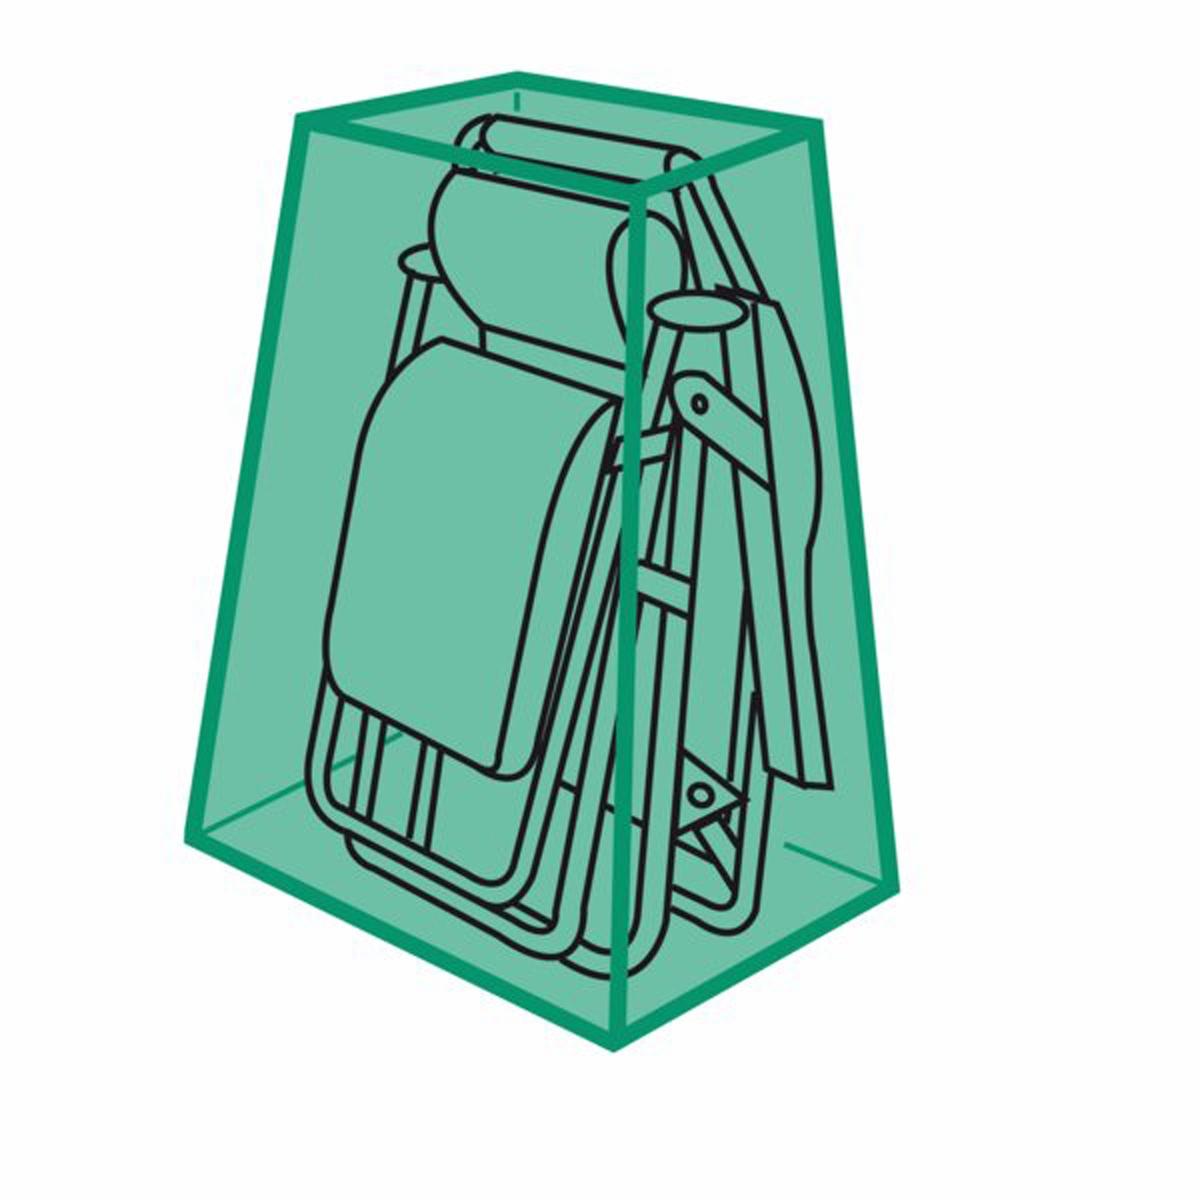 Чехол защитный для креслаЗащитите ваше кресло для отдыха от пыли и неблагоприятных погодных условий с помощью этого очень прочного чехла. Отличается практичностью и легкостью складывания (специально разработанная система складывания чехла).Высокое качество материала, герметичность, неподверженность гниению.Характеристики чехла :- Выполнен из спаянного полиэтилена- Нержавеющие люверсы- Система быстрого складывания- Цвет зеленый полупрозрачныйРазмеры :- Для складного кресла - Размеры. Выс 105 x Дл 95 см<br><br>Цвет: зеленый<br>Размер: единый размер